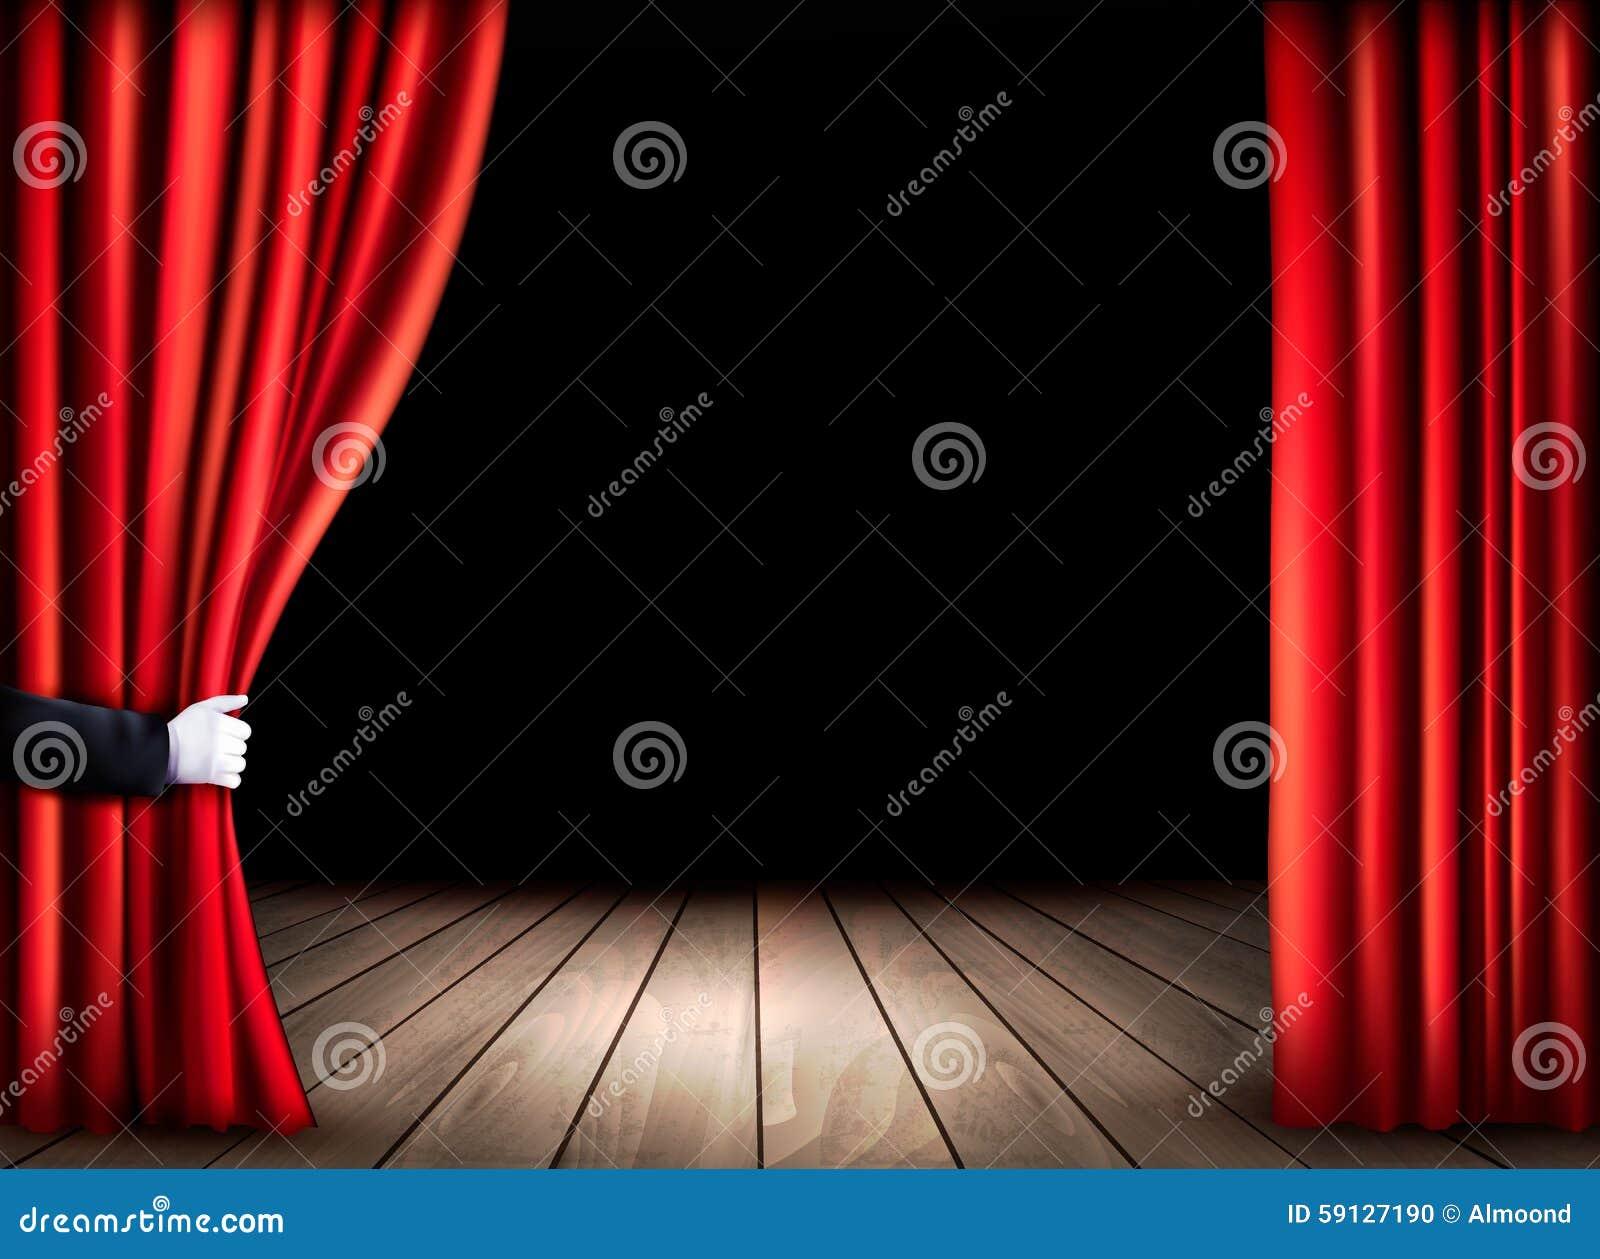 Этап театра с деревянным полом и раскрывает красные занавесы